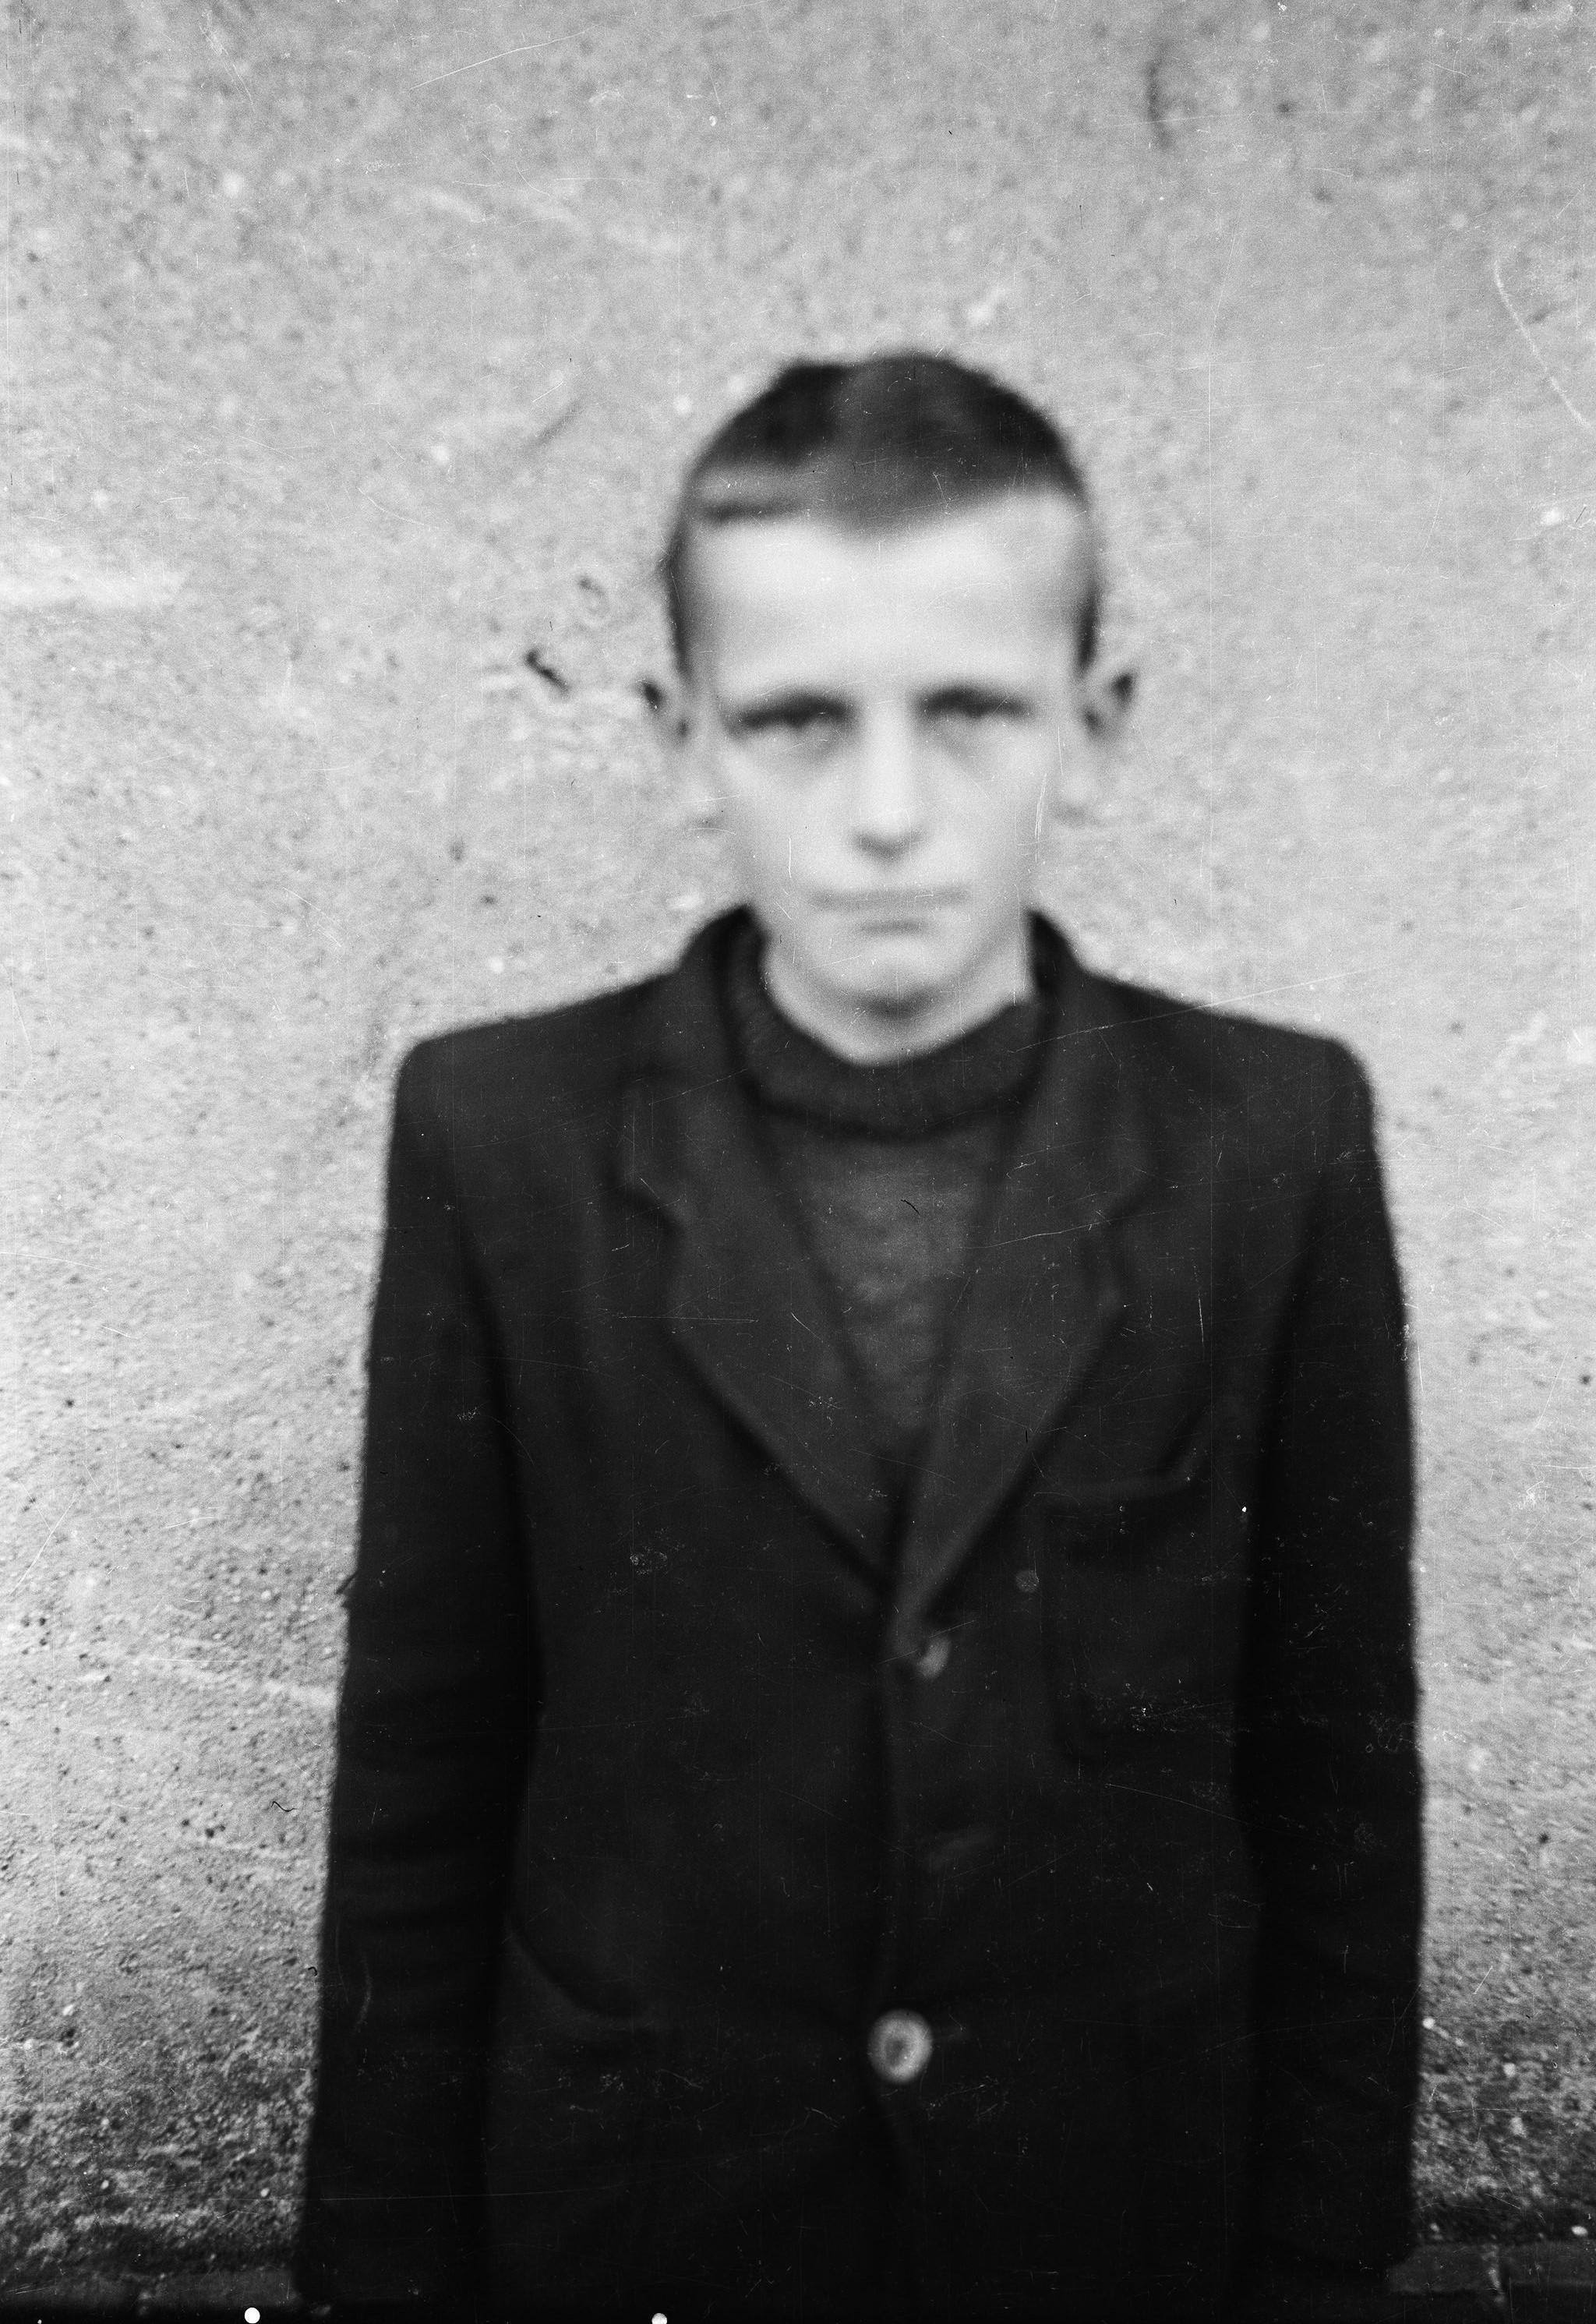 Chłopiec na tle ściany, Dolny Śląsk, 2. poł. XX w.